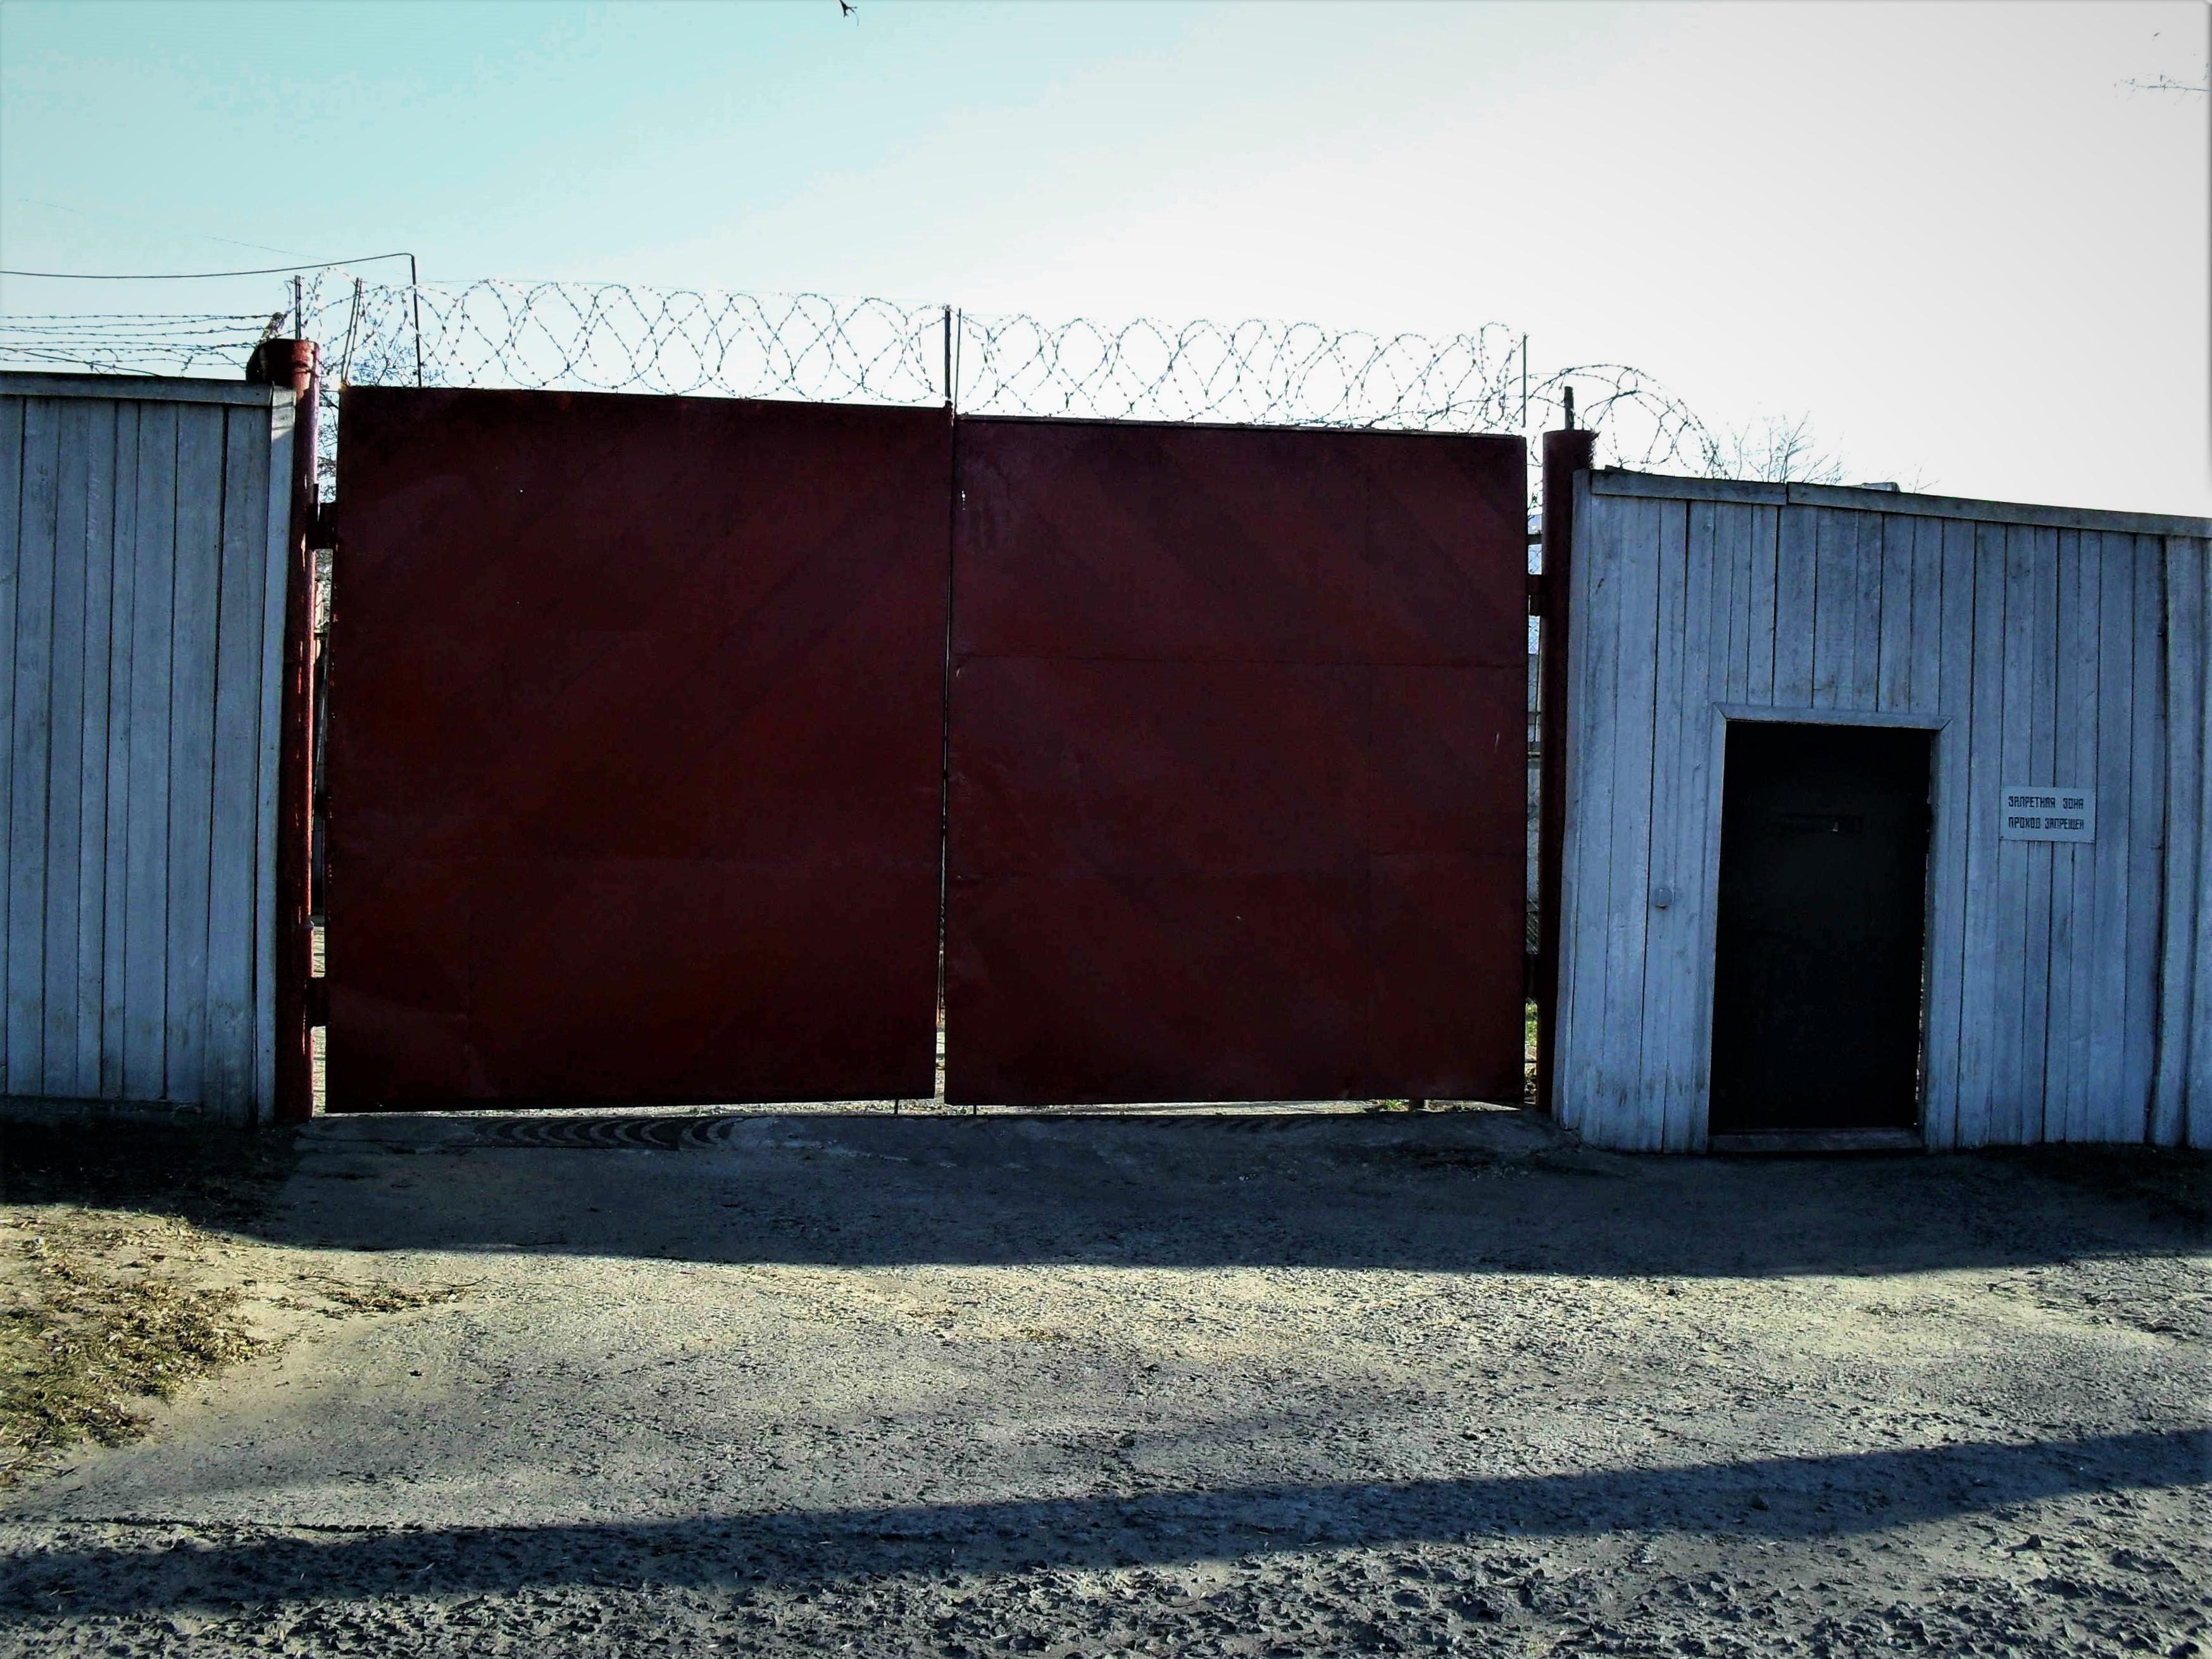 Amnesty International падтрымала зняволеных «дзіцячай калоніі» ў Бабруйску. Падаецца, адміністрацыя адказала рэпрэсіямі